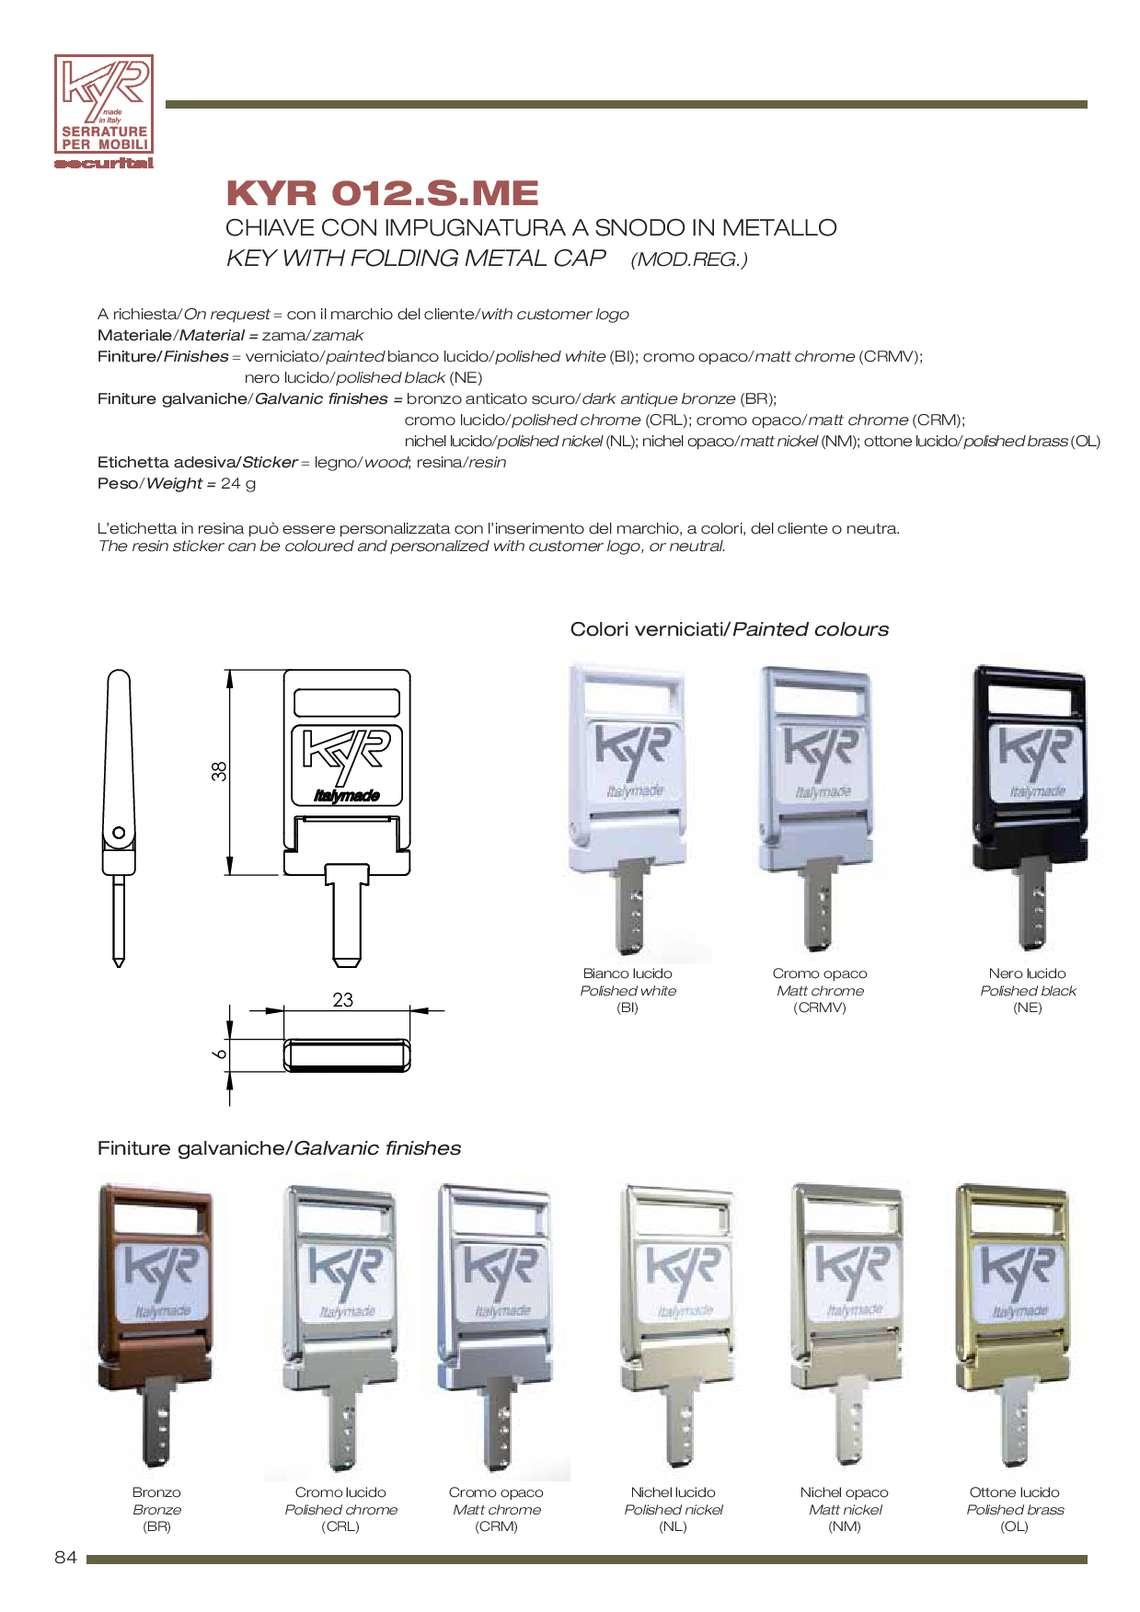 Securital serrature per mobili 86 - Catalogo di mobili ...